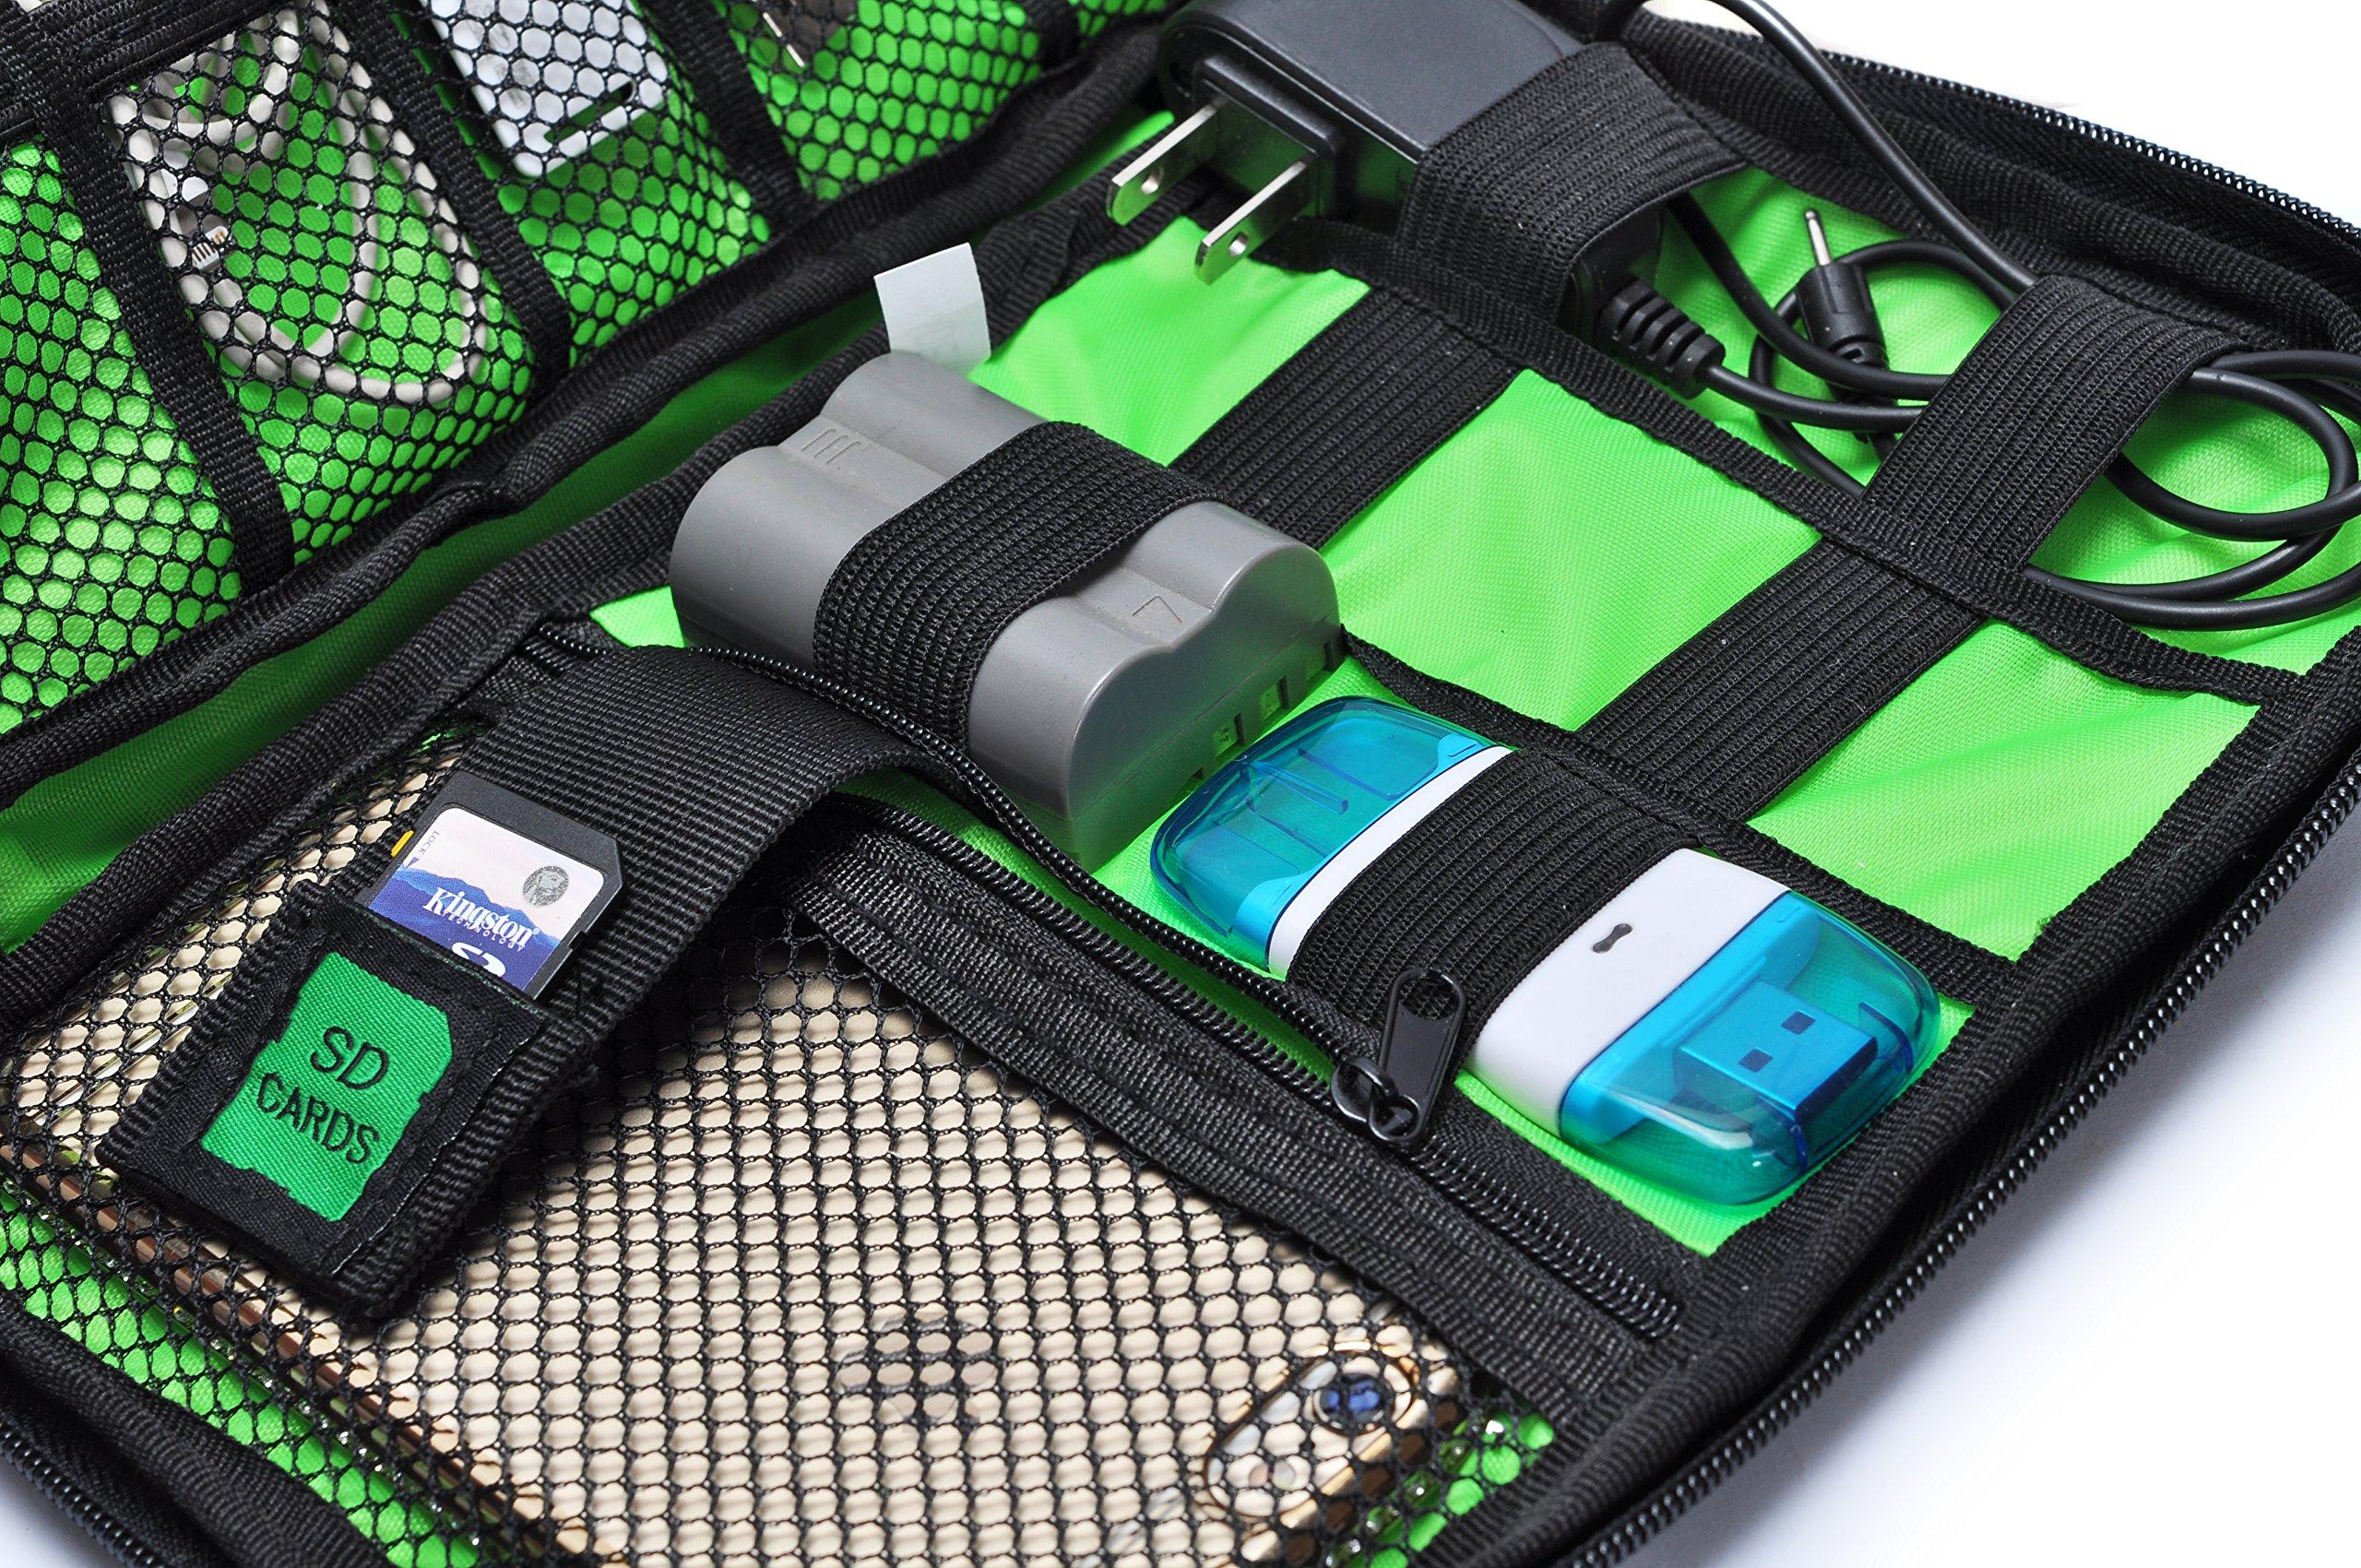 universal electronics accessoires de voyage organisateur//hard drive case//c/âble organiseur,Bleu Jamber electronics accessoires sac de transport//organiseur de c/âble avec c/âble cravate